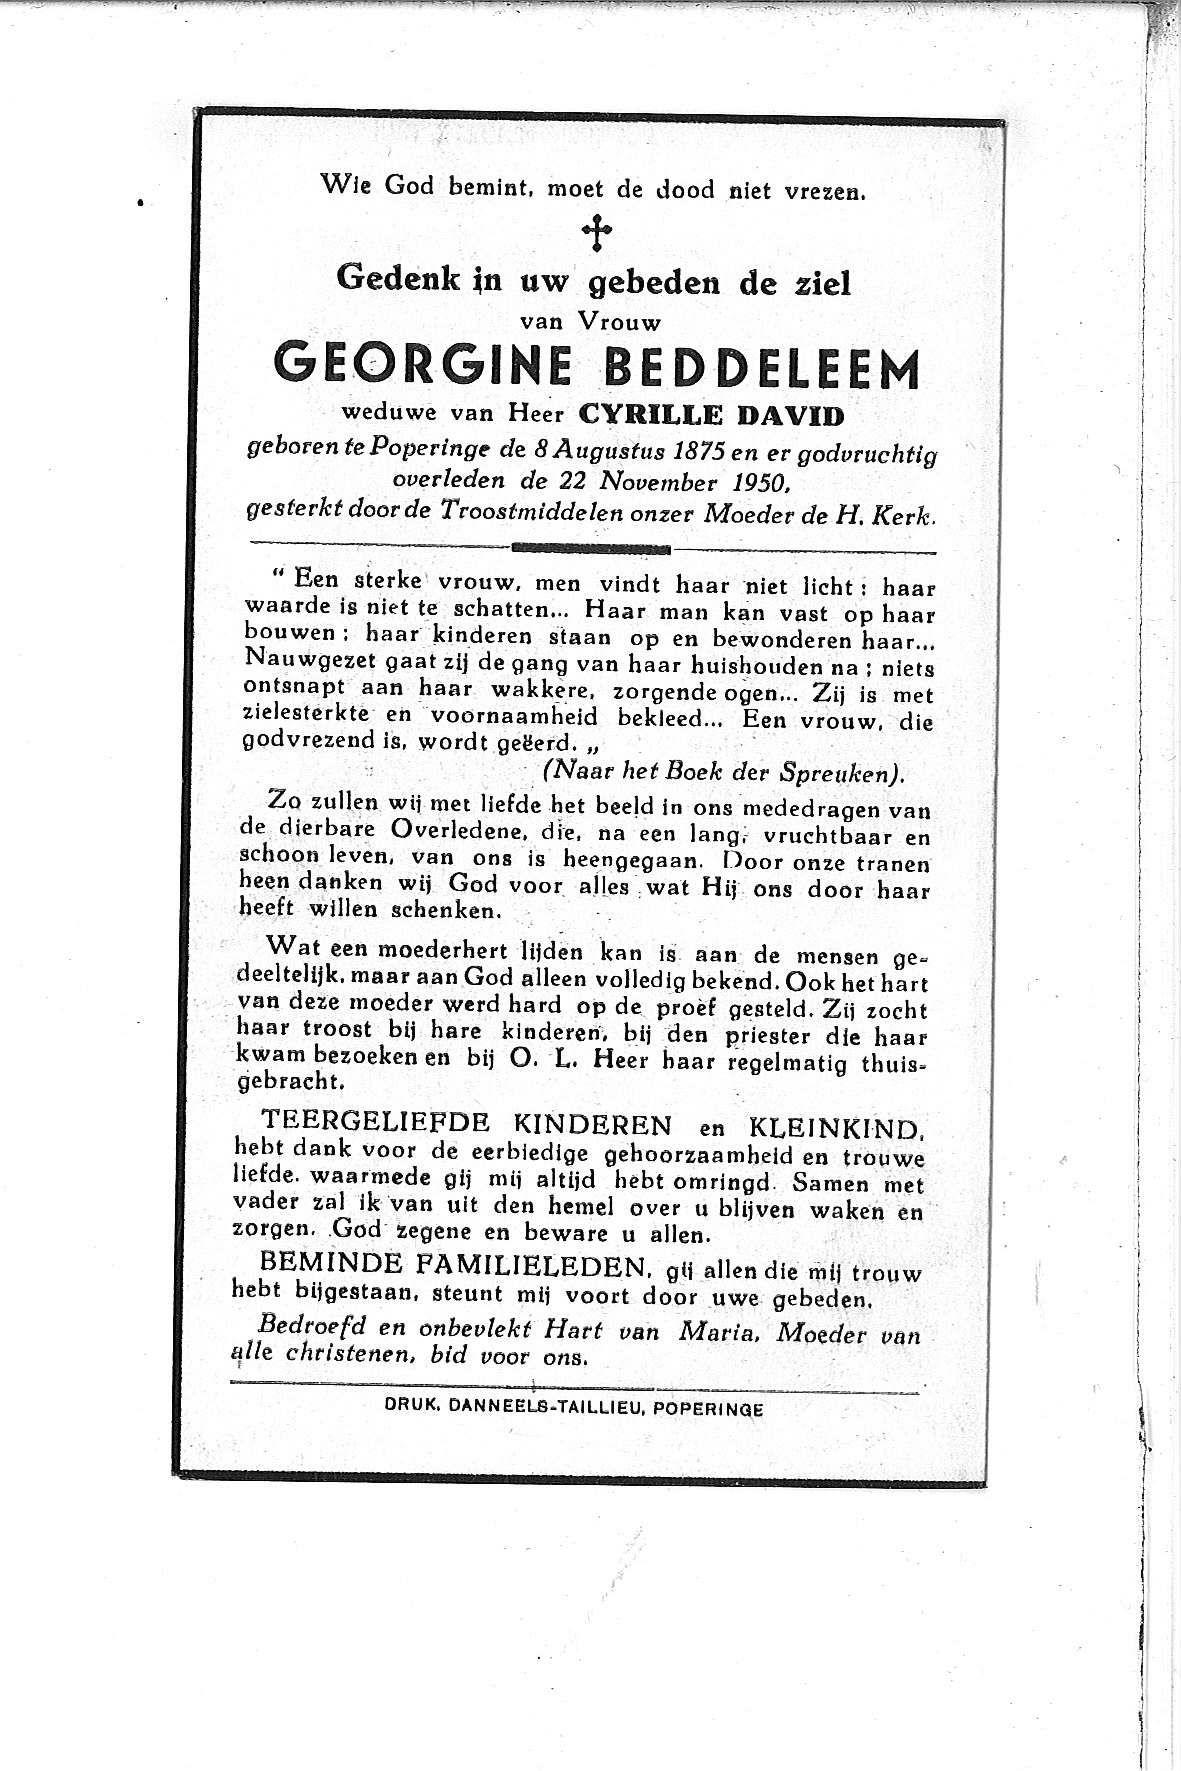 Georgine(1950)20101125100742_00012.jpg